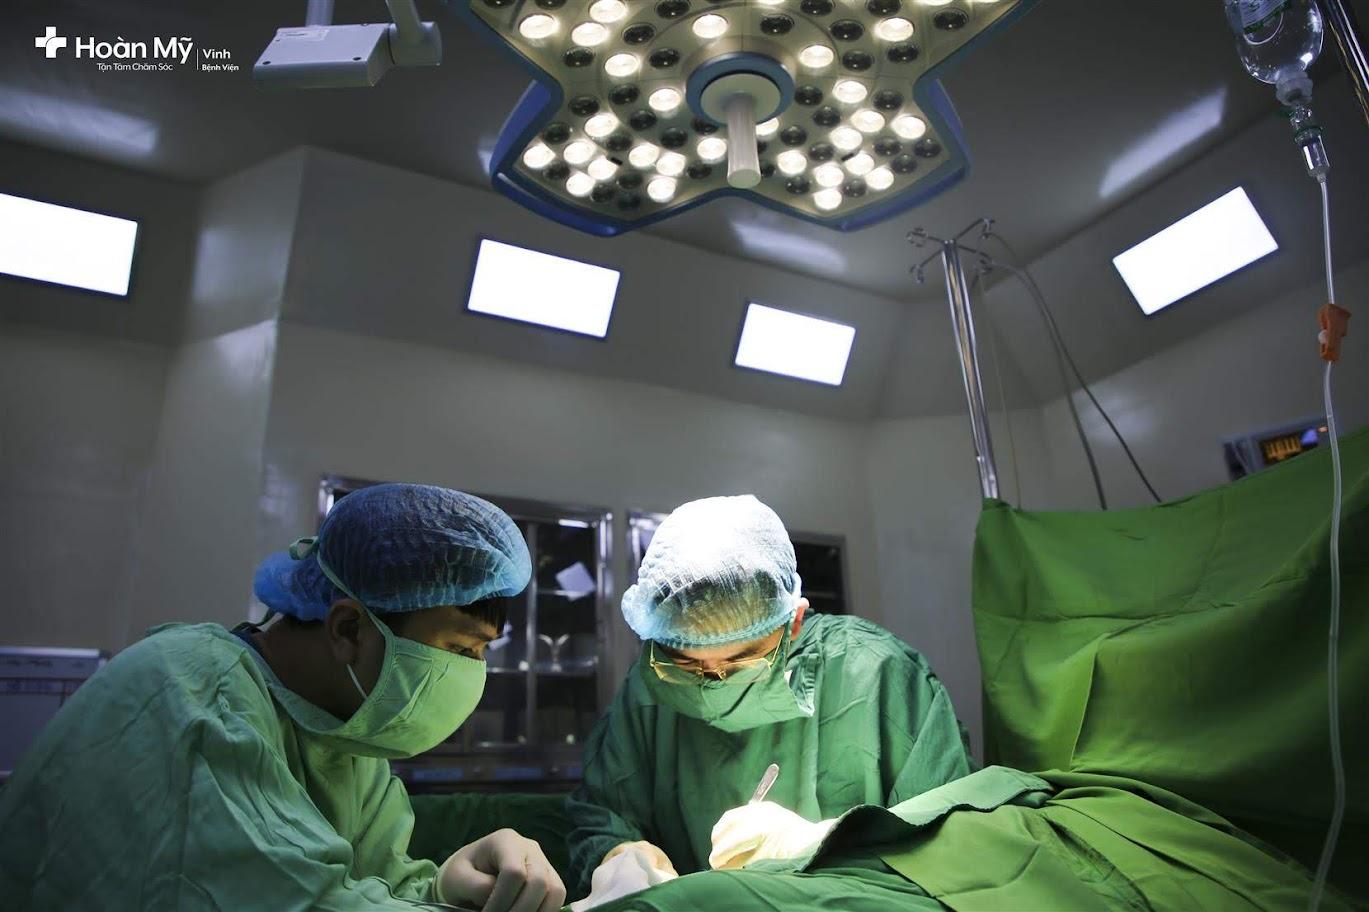 BVQT Vinh hiện có đội ngũ Bác sĩ, nhân viên y tế có nhiều kinh nghiệm phẩu thuật cho trẻ khuyết tật